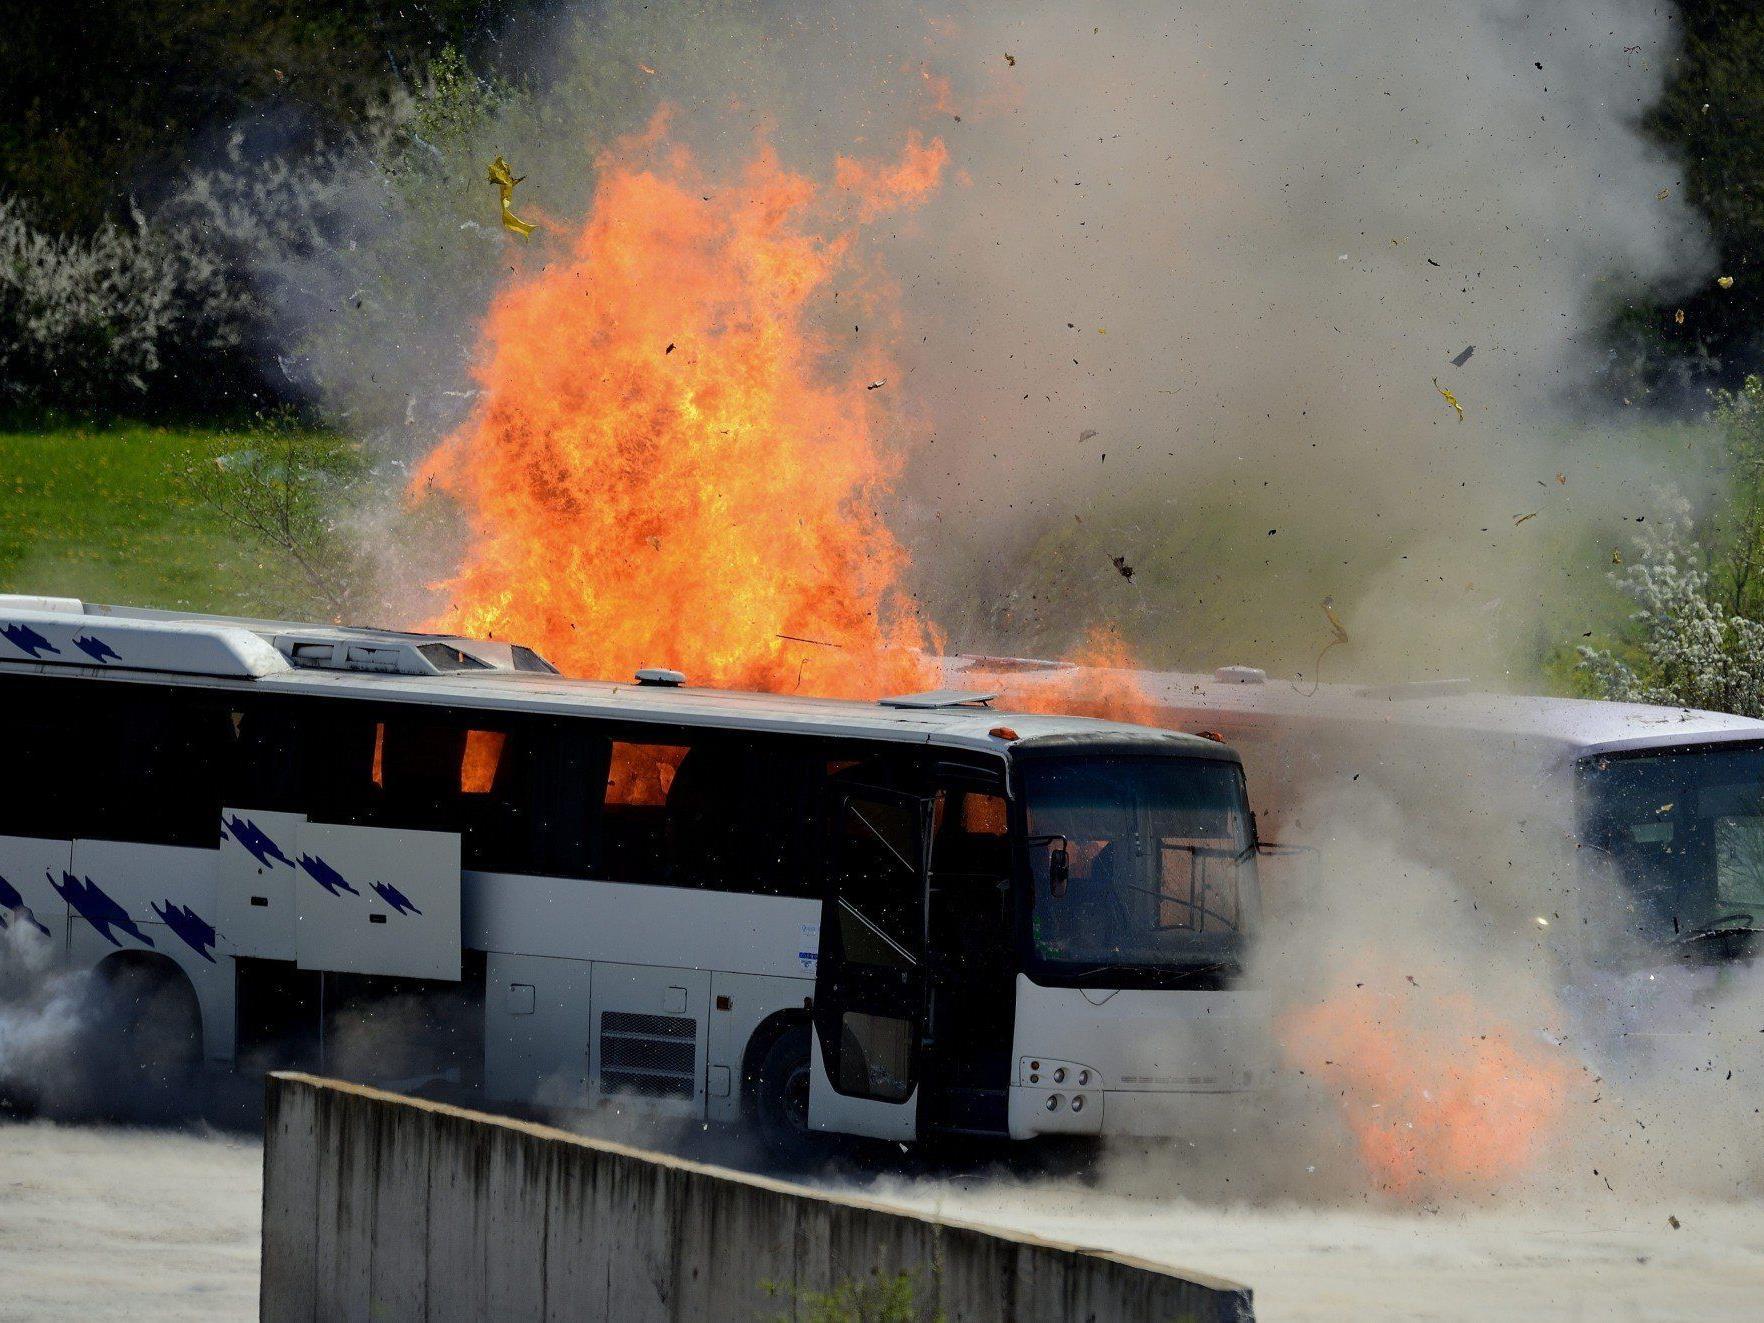 Die Hisbollah-Miliz wird verdächtigt, hinter einem Anschlag auf einen Bus in Burgas zu stehen.